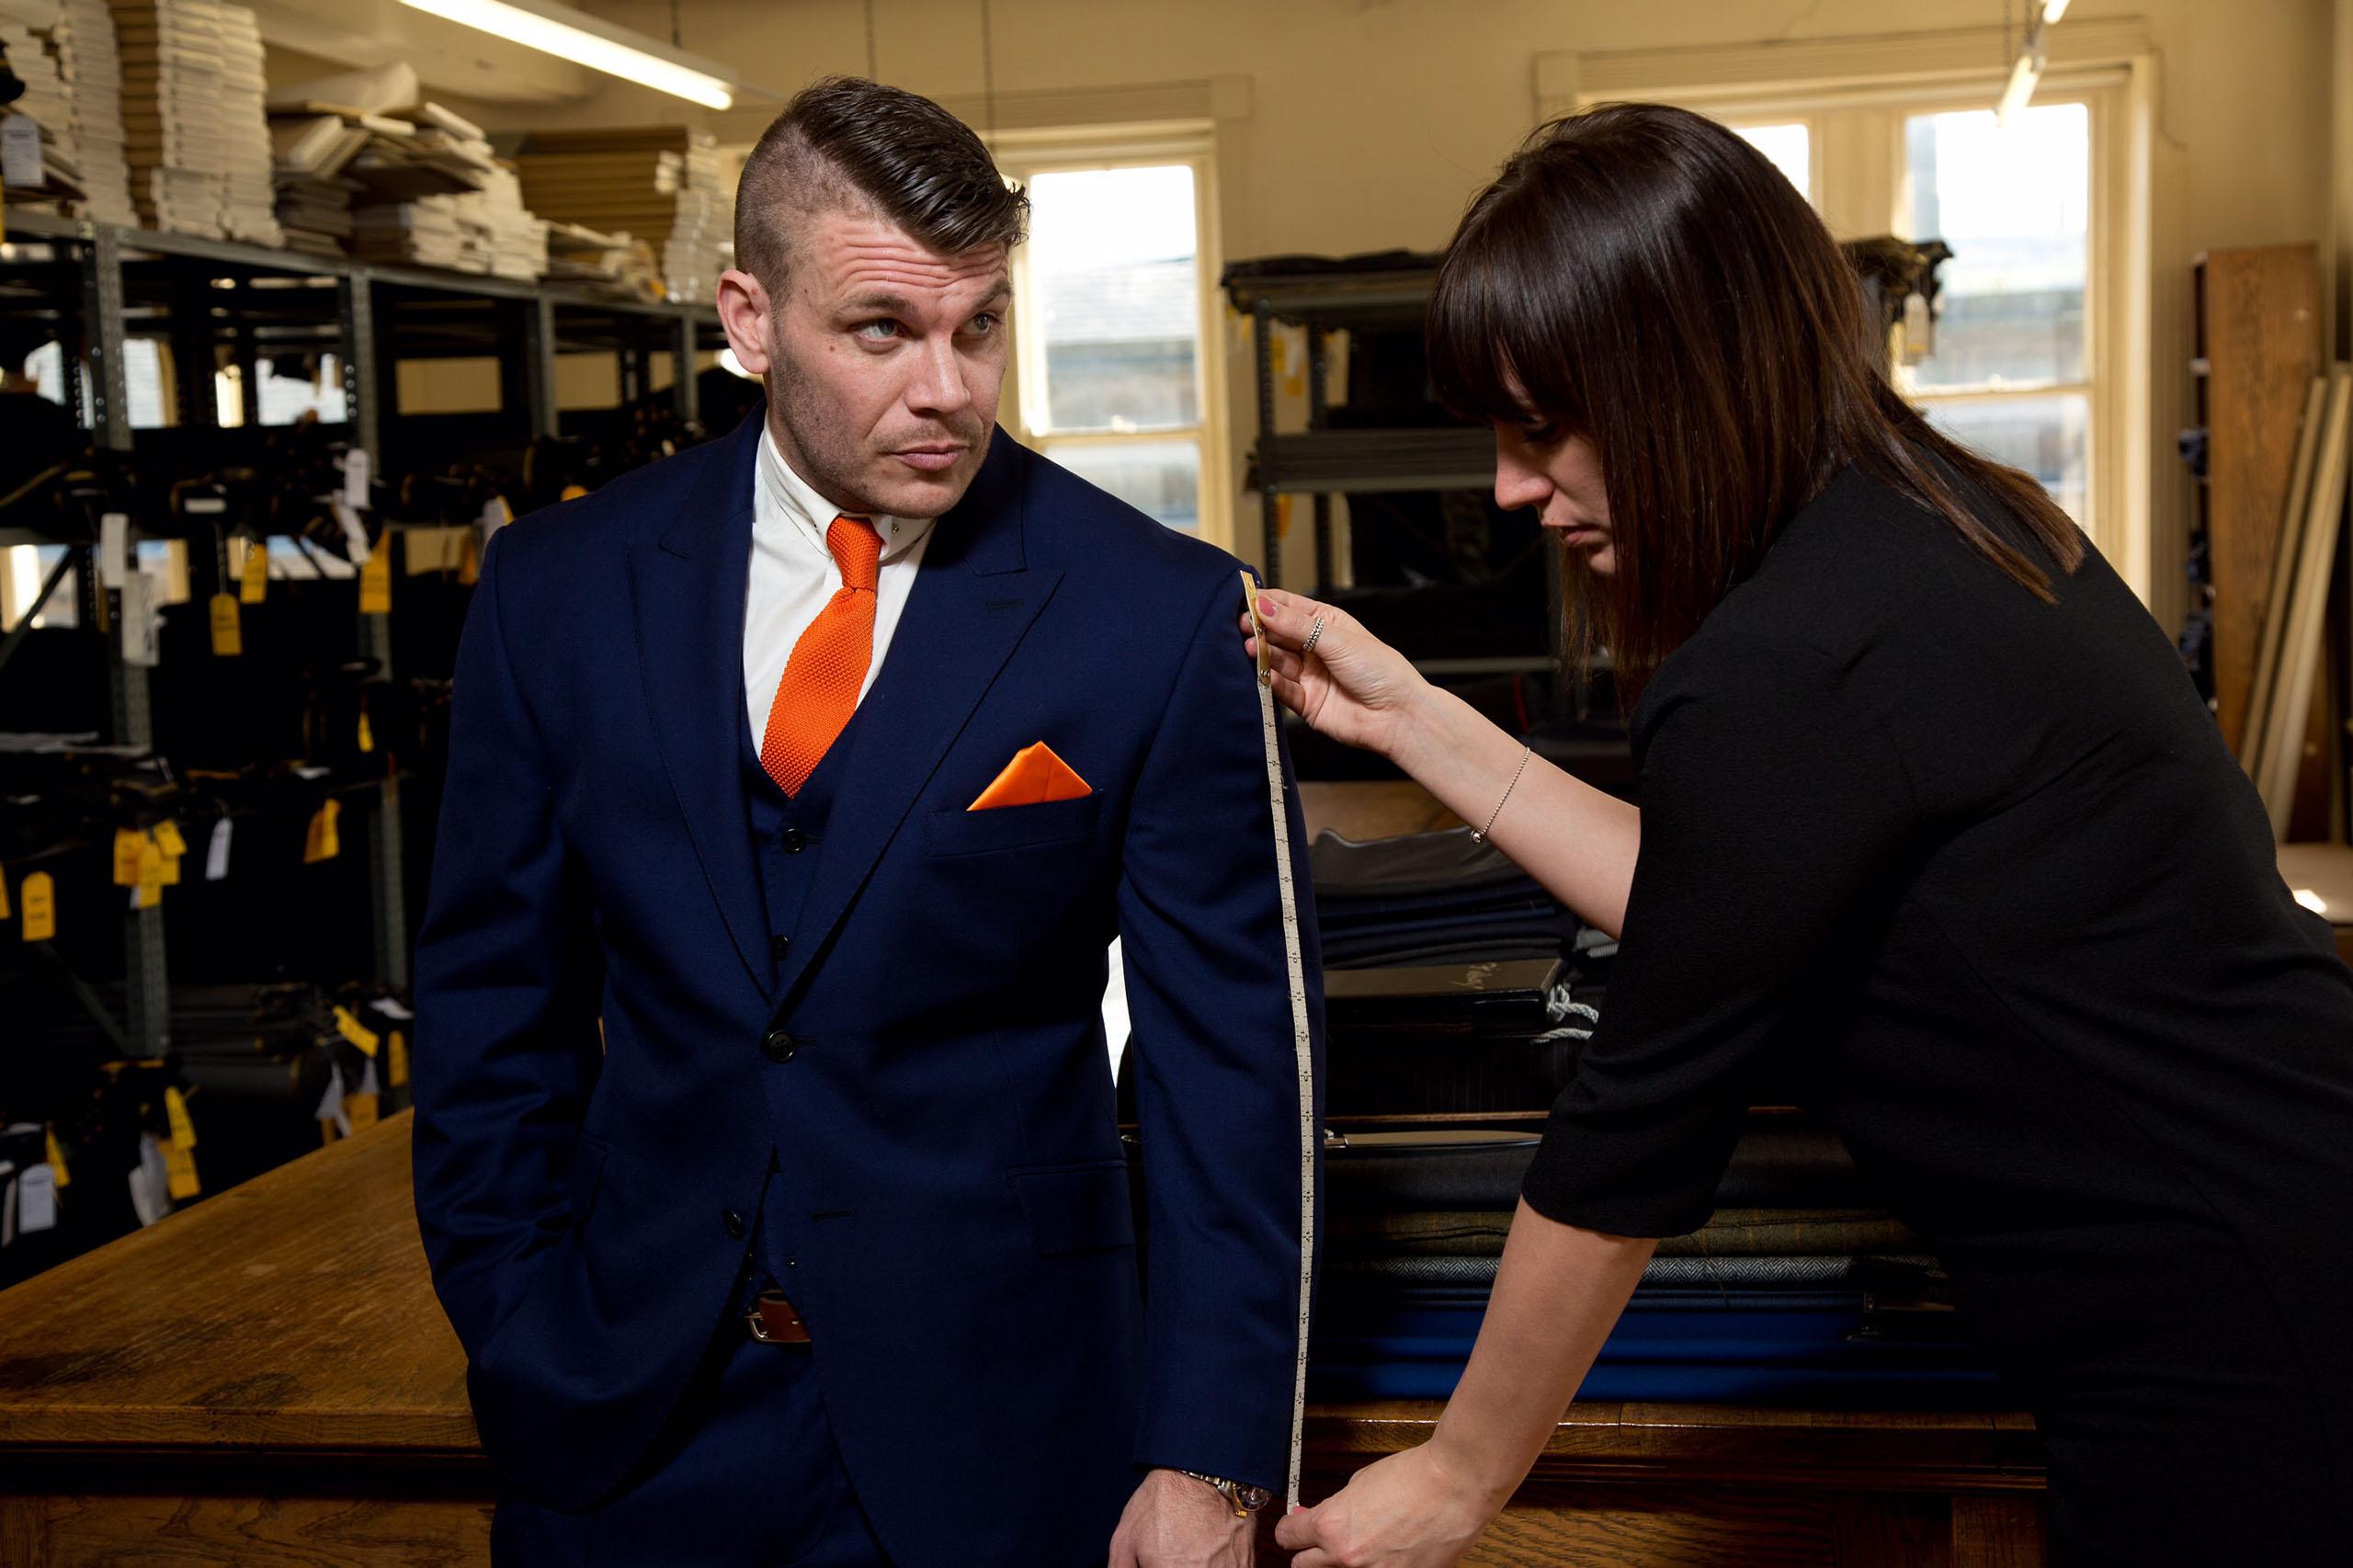 Bespoke Suits Leeds, Tailored Suits Leeds, Wedding Suits Leeds